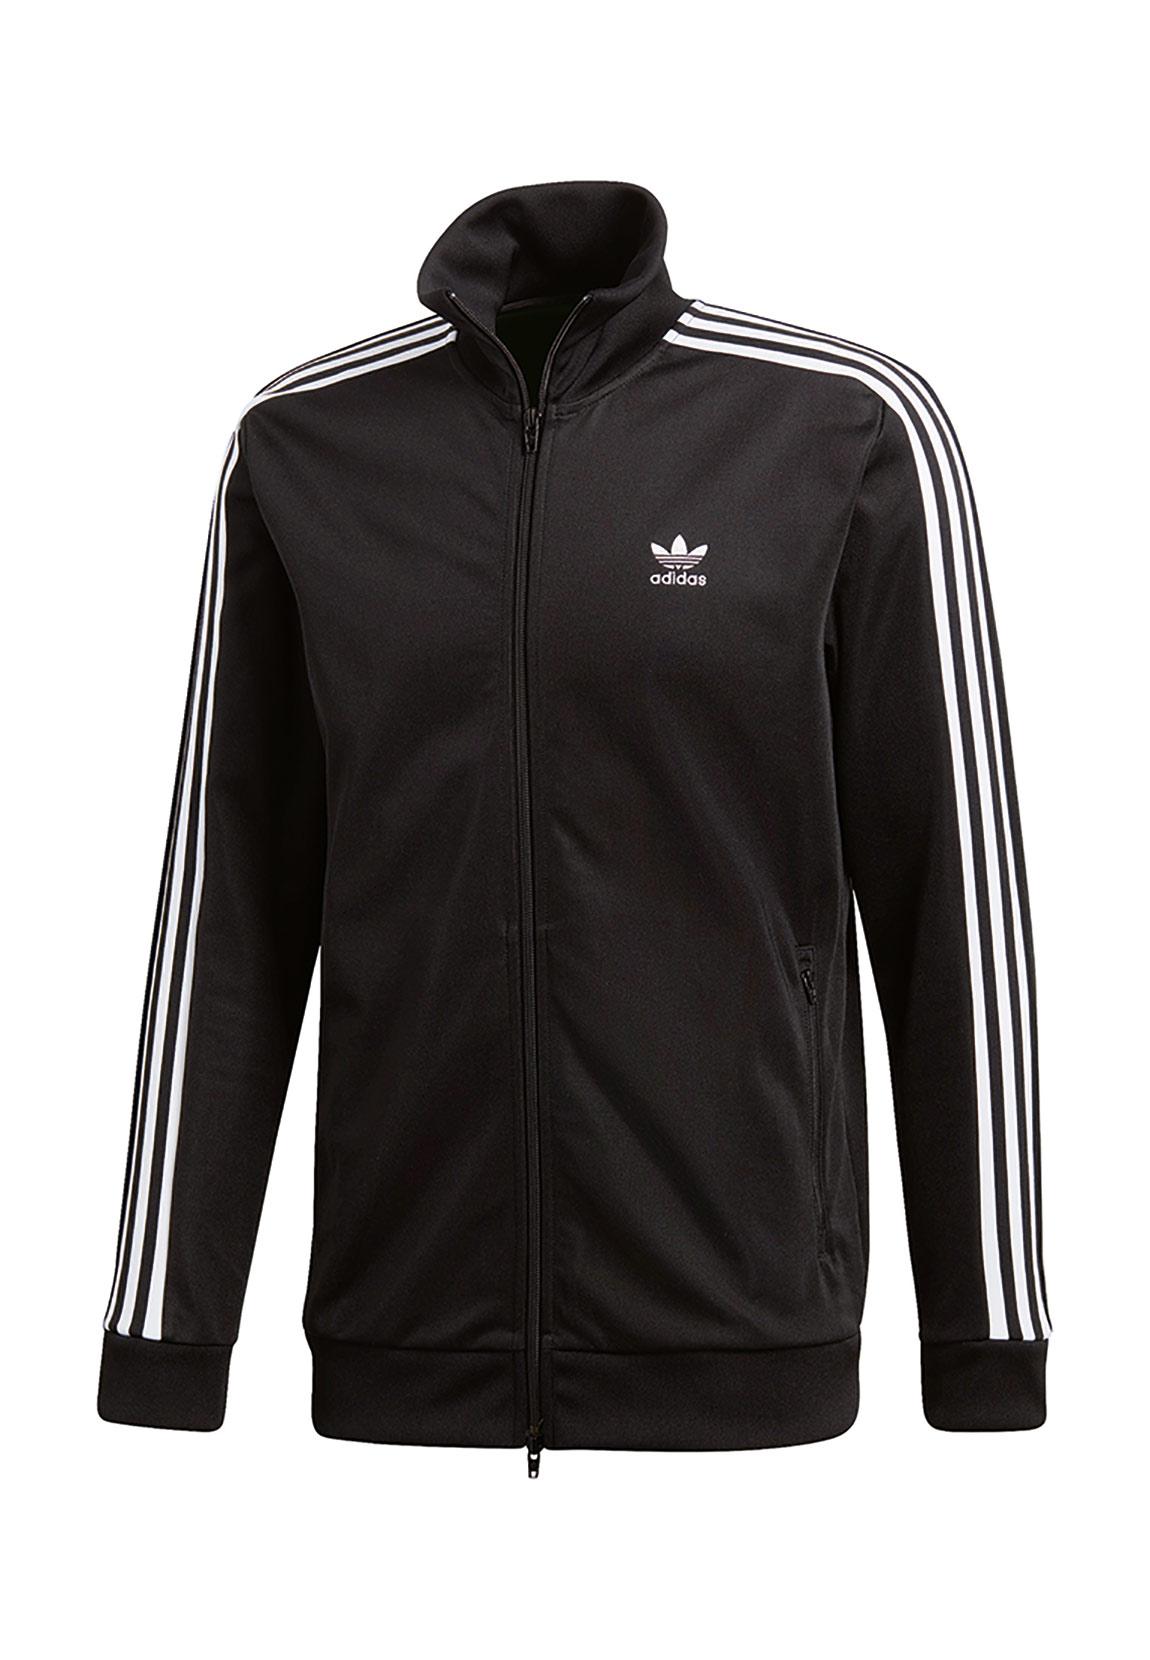 adidas originals herren sweatjacke beckenbauer tt cw1250 schwarz herren sweater hoodies. Black Bedroom Furniture Sets. Home Design Ideas